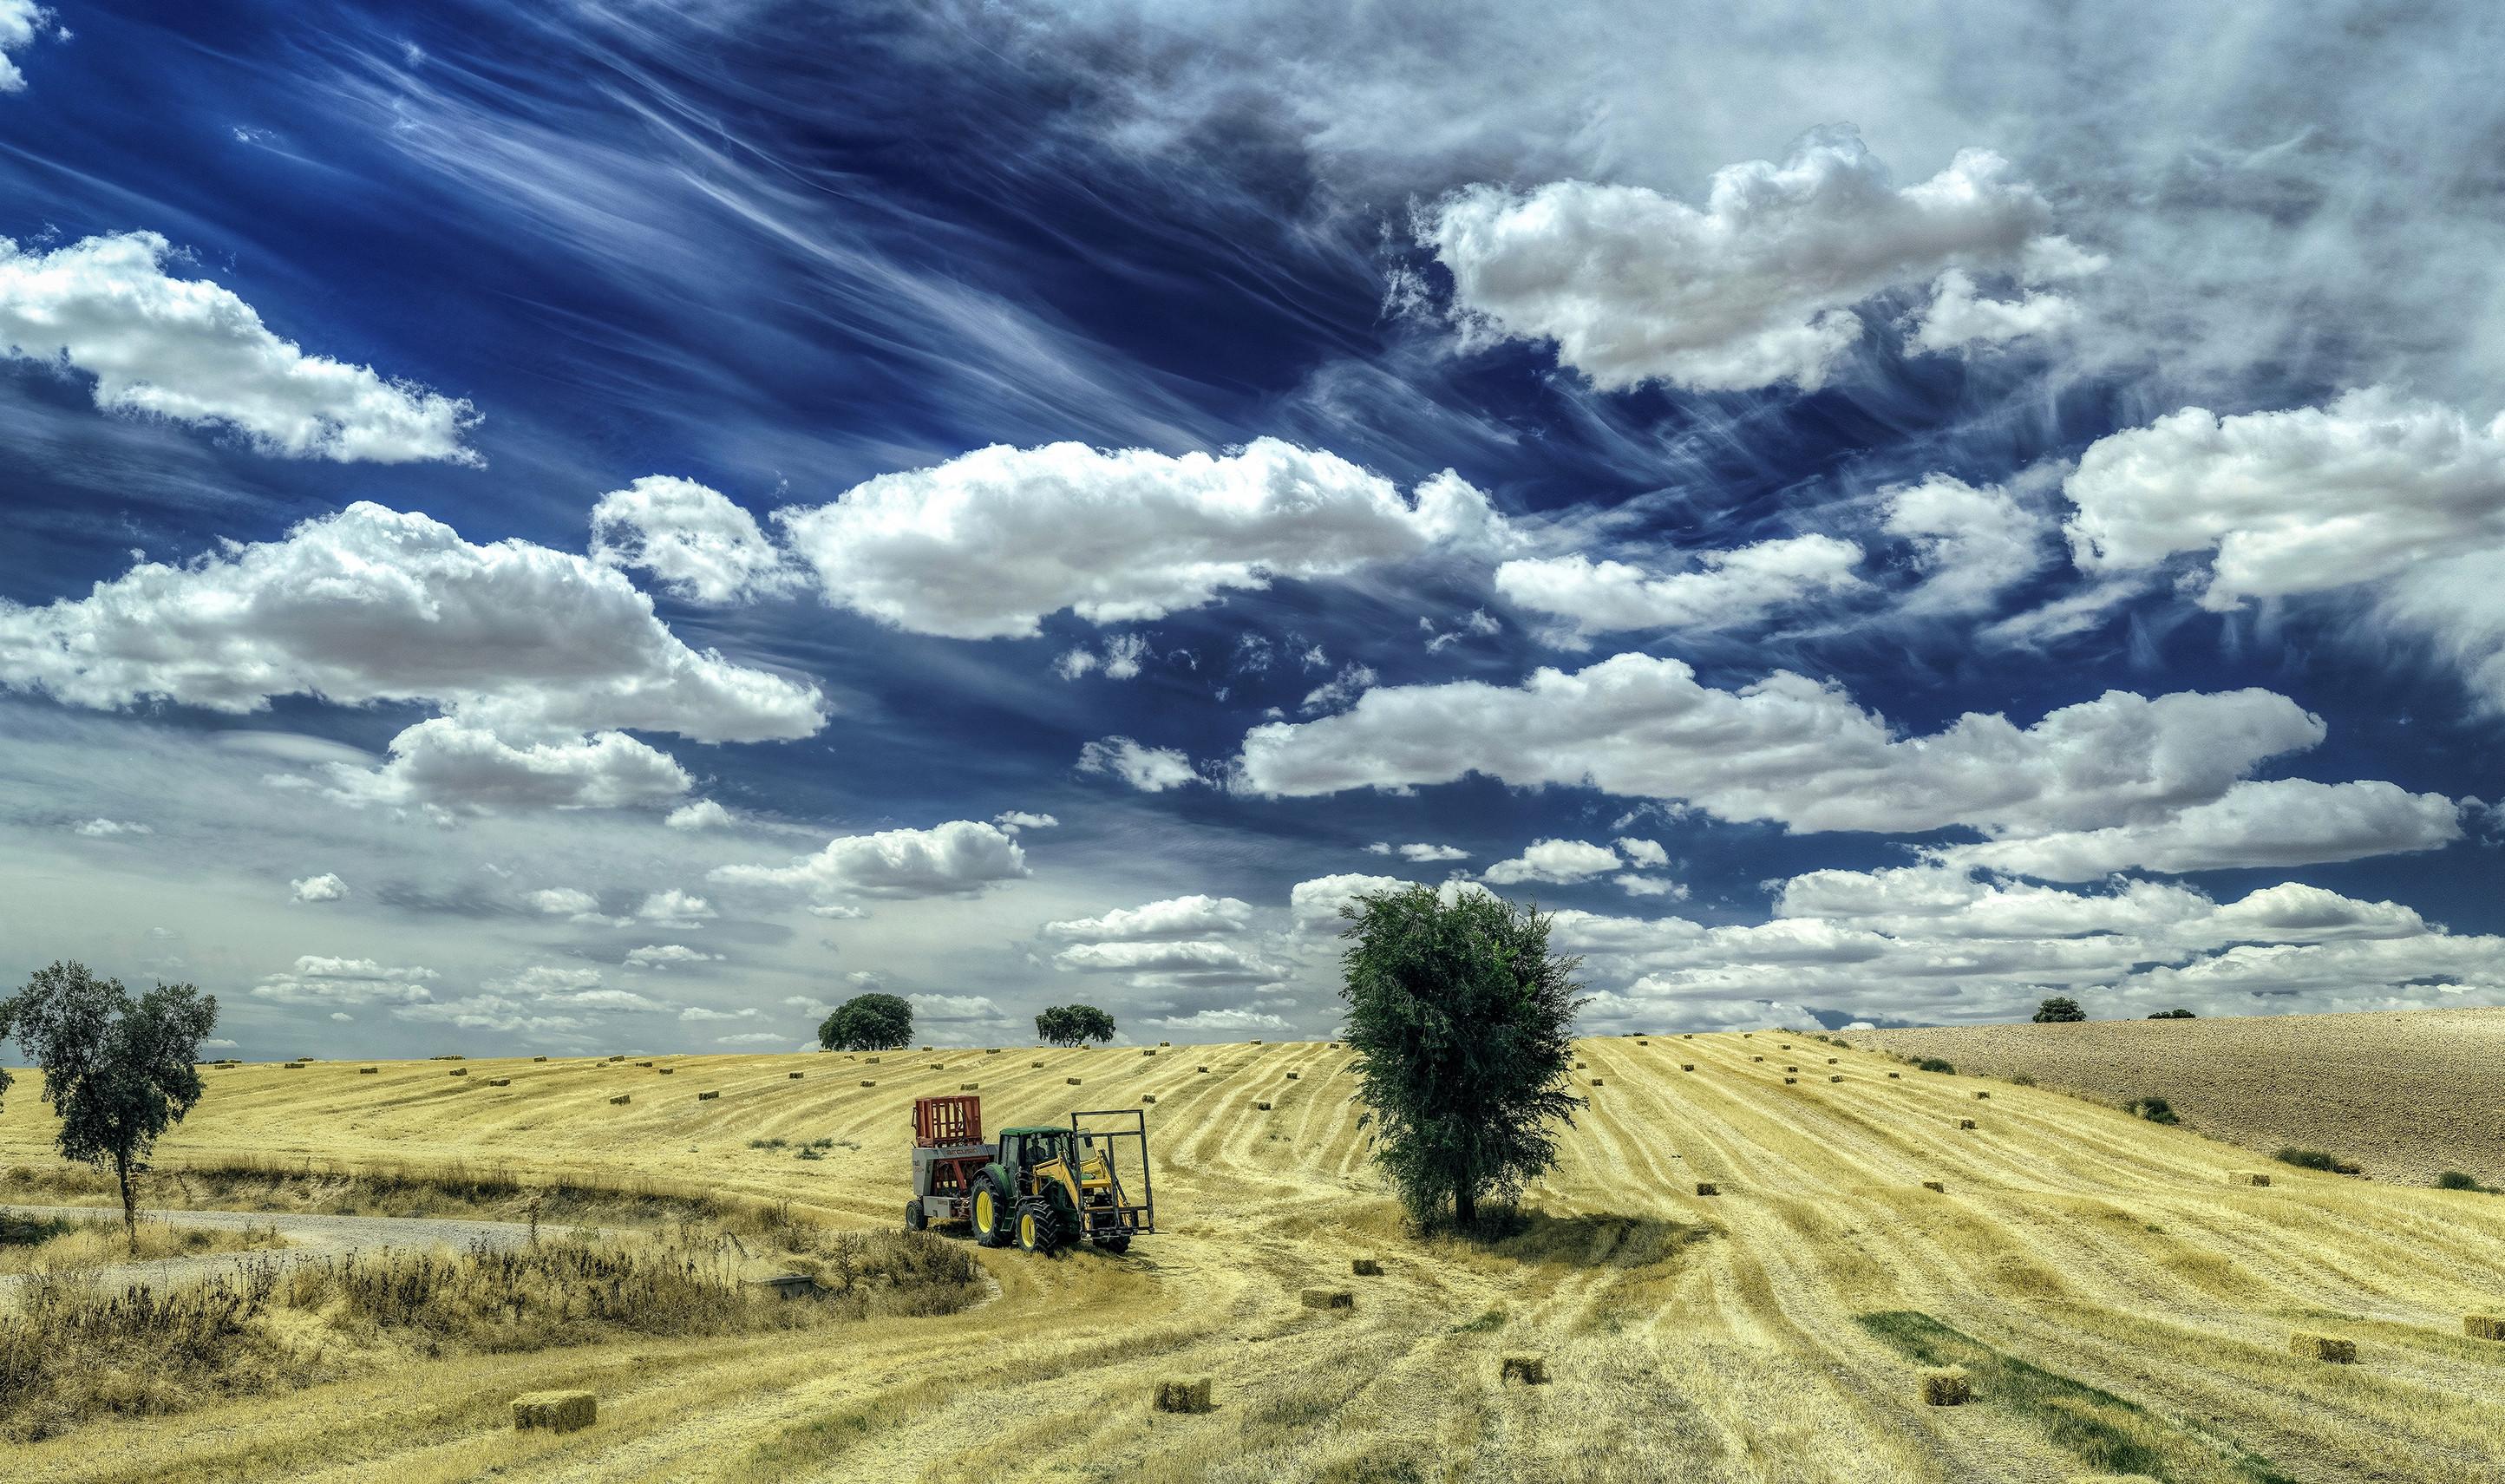 обои Сбор урожая, поле, трактор, дерево картинки фото